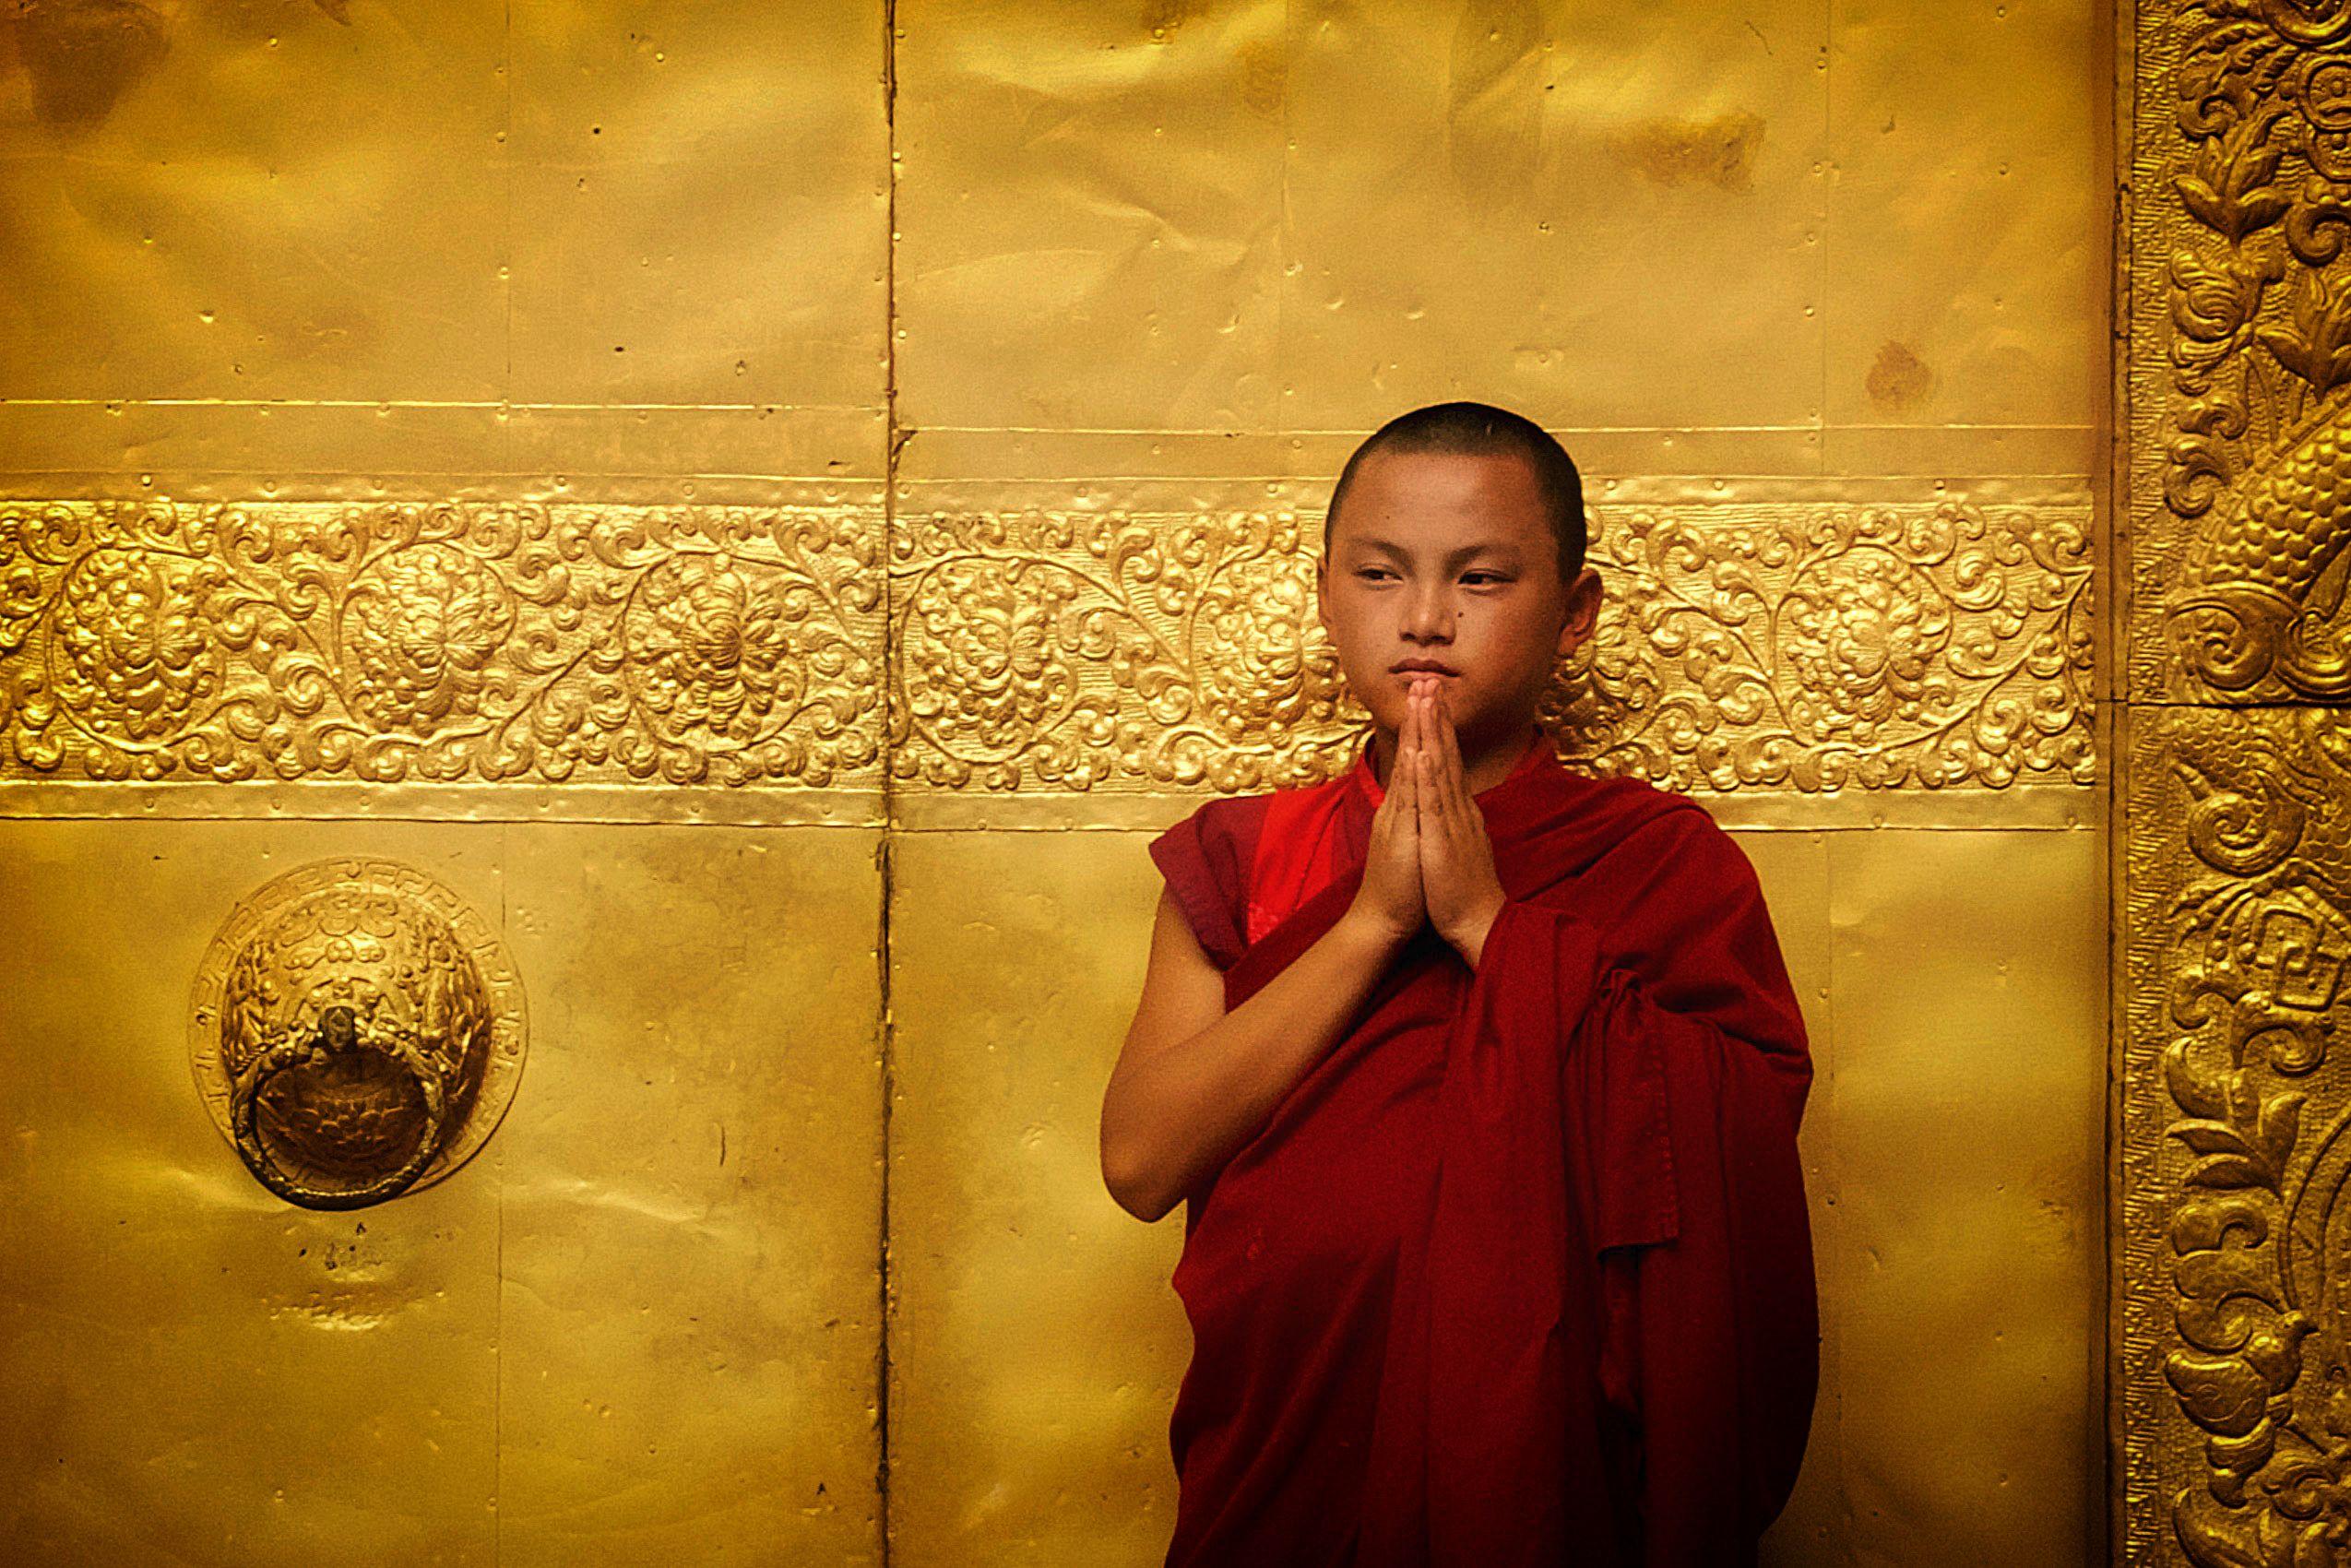 Monk Photos